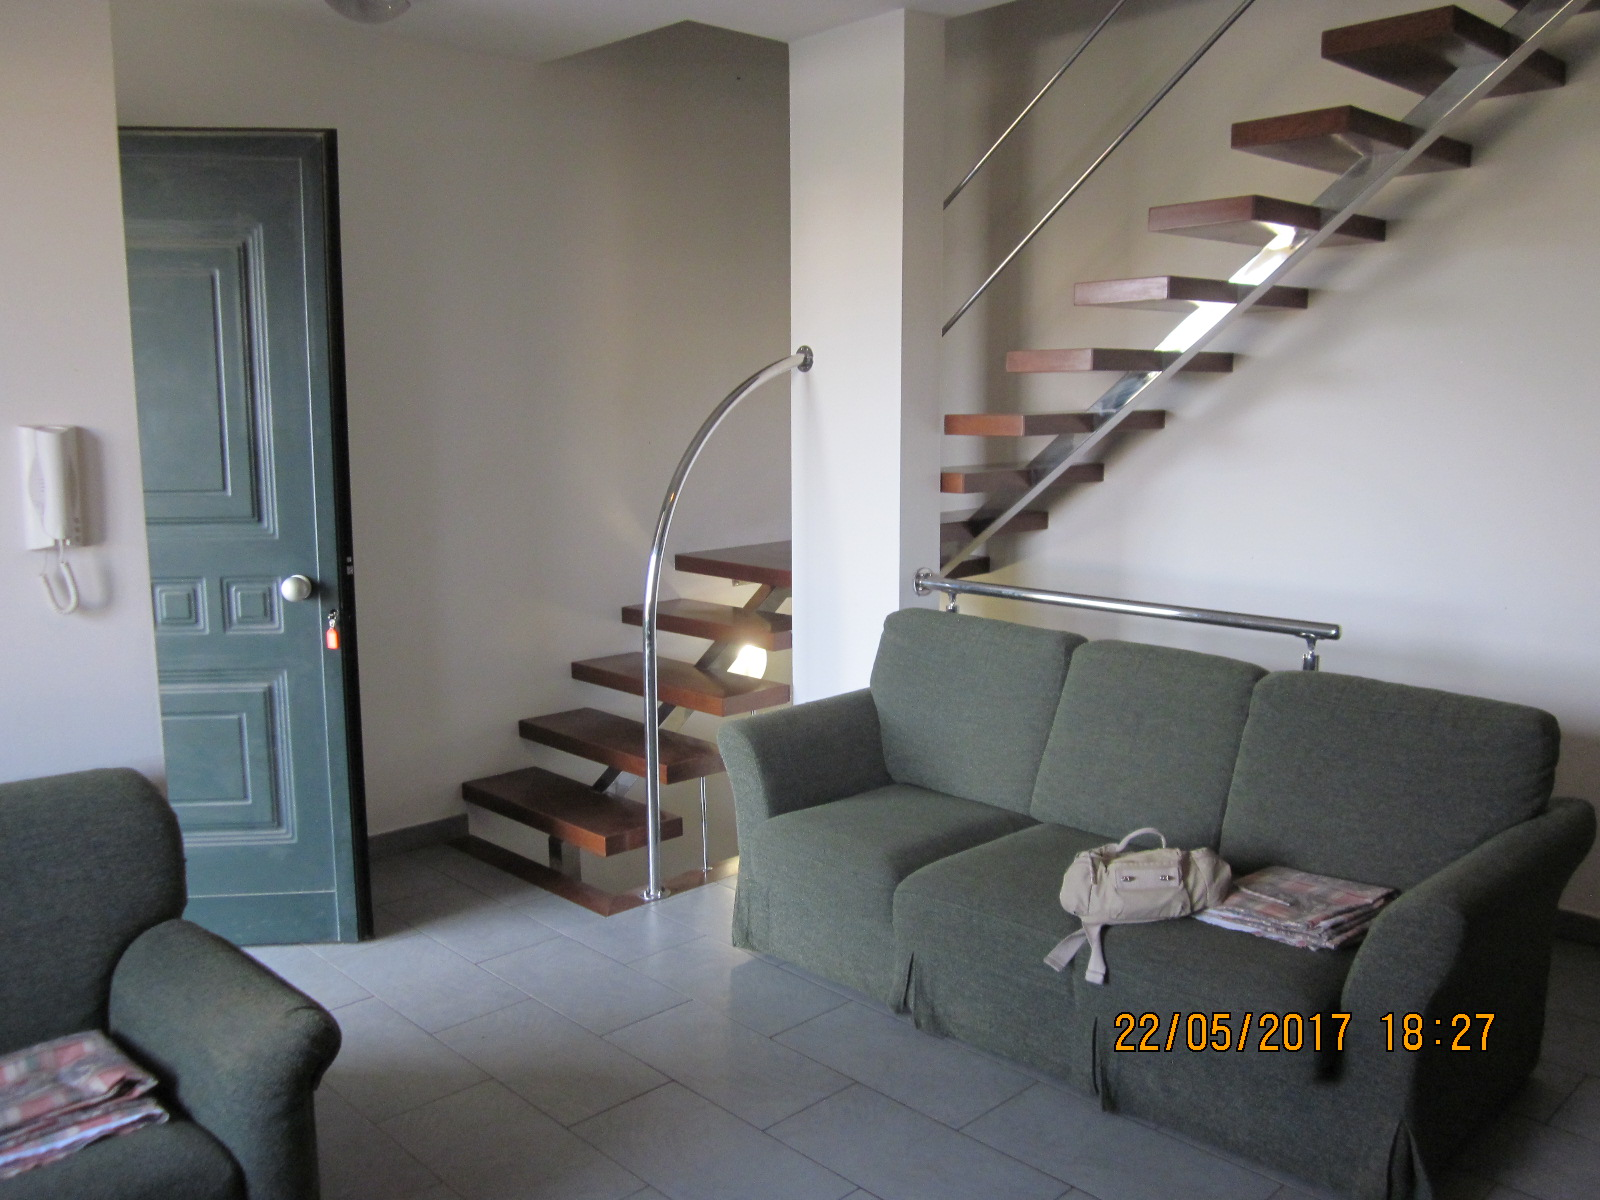 Appartamento in affitto a Viareggio, 5 locali, zona Località: Fasciamare, prezzo € 1.100 | Cambio Casa.it